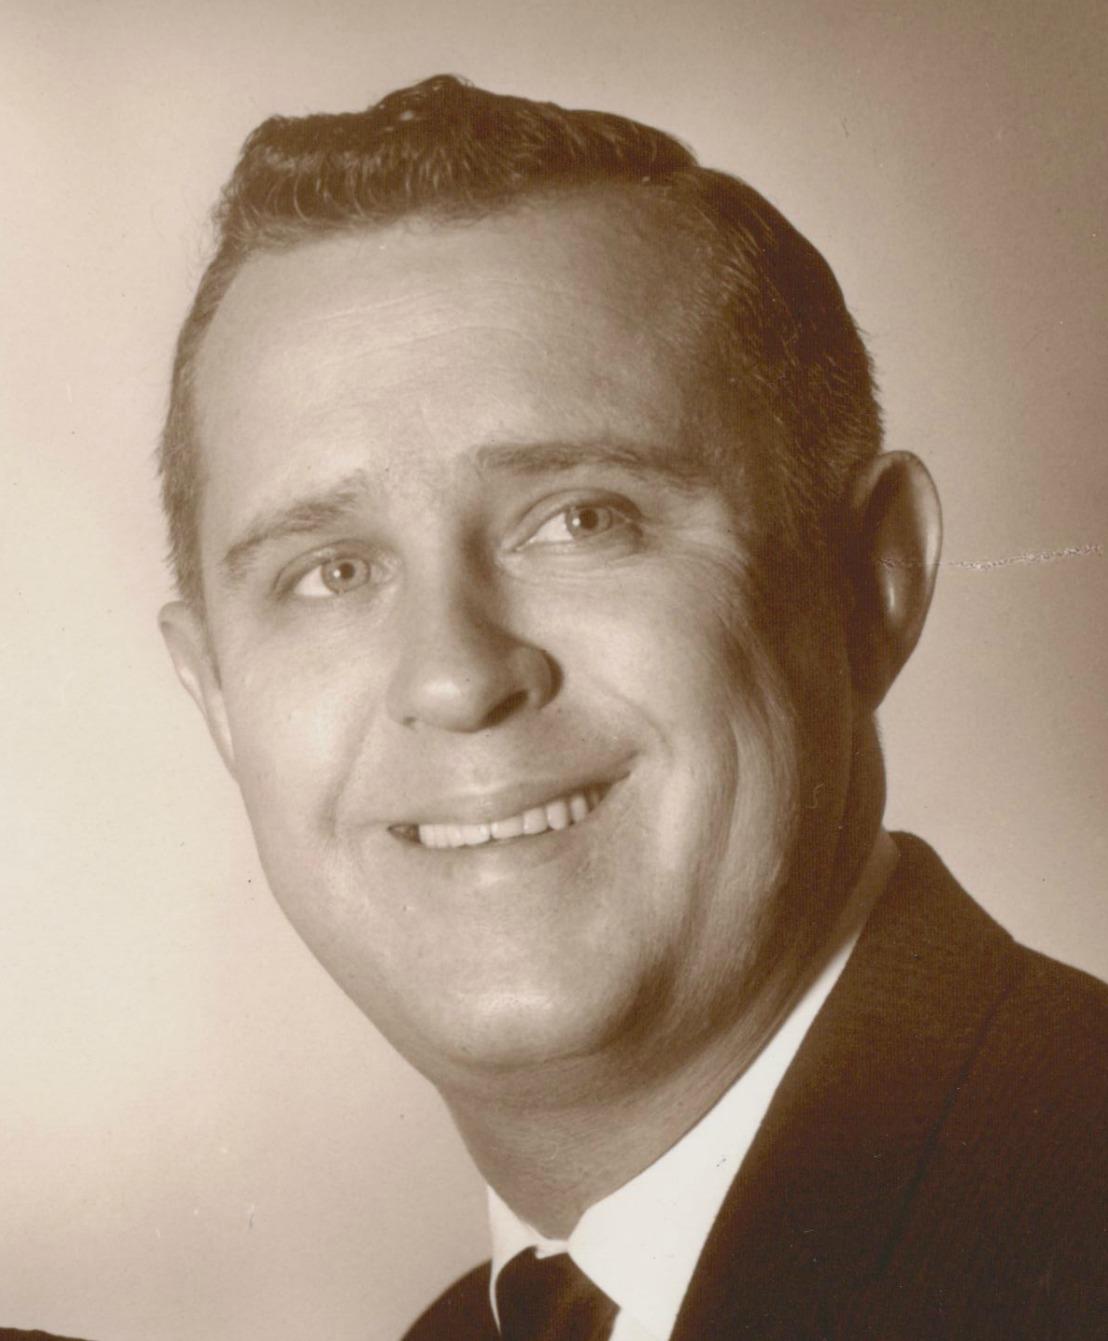 Donald William Boeding